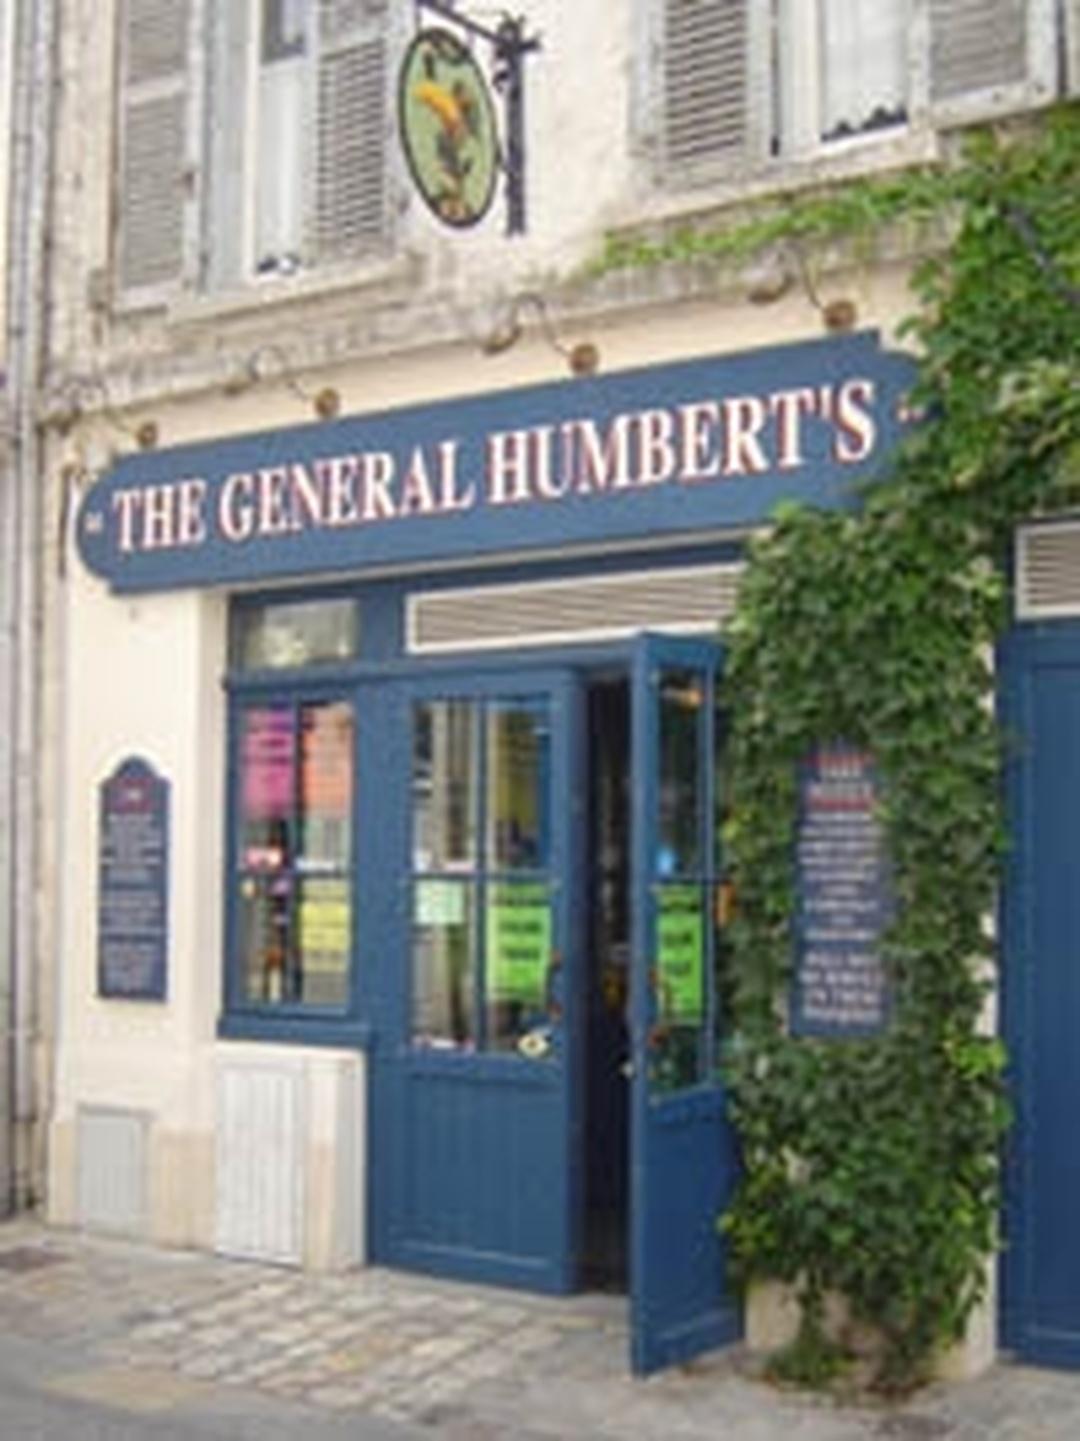 Foto del 5 de febrero de 2016 18:50, The general Humbert's, 14 Rue Saint-Nicolas, 17000 La Rochelle, Francia